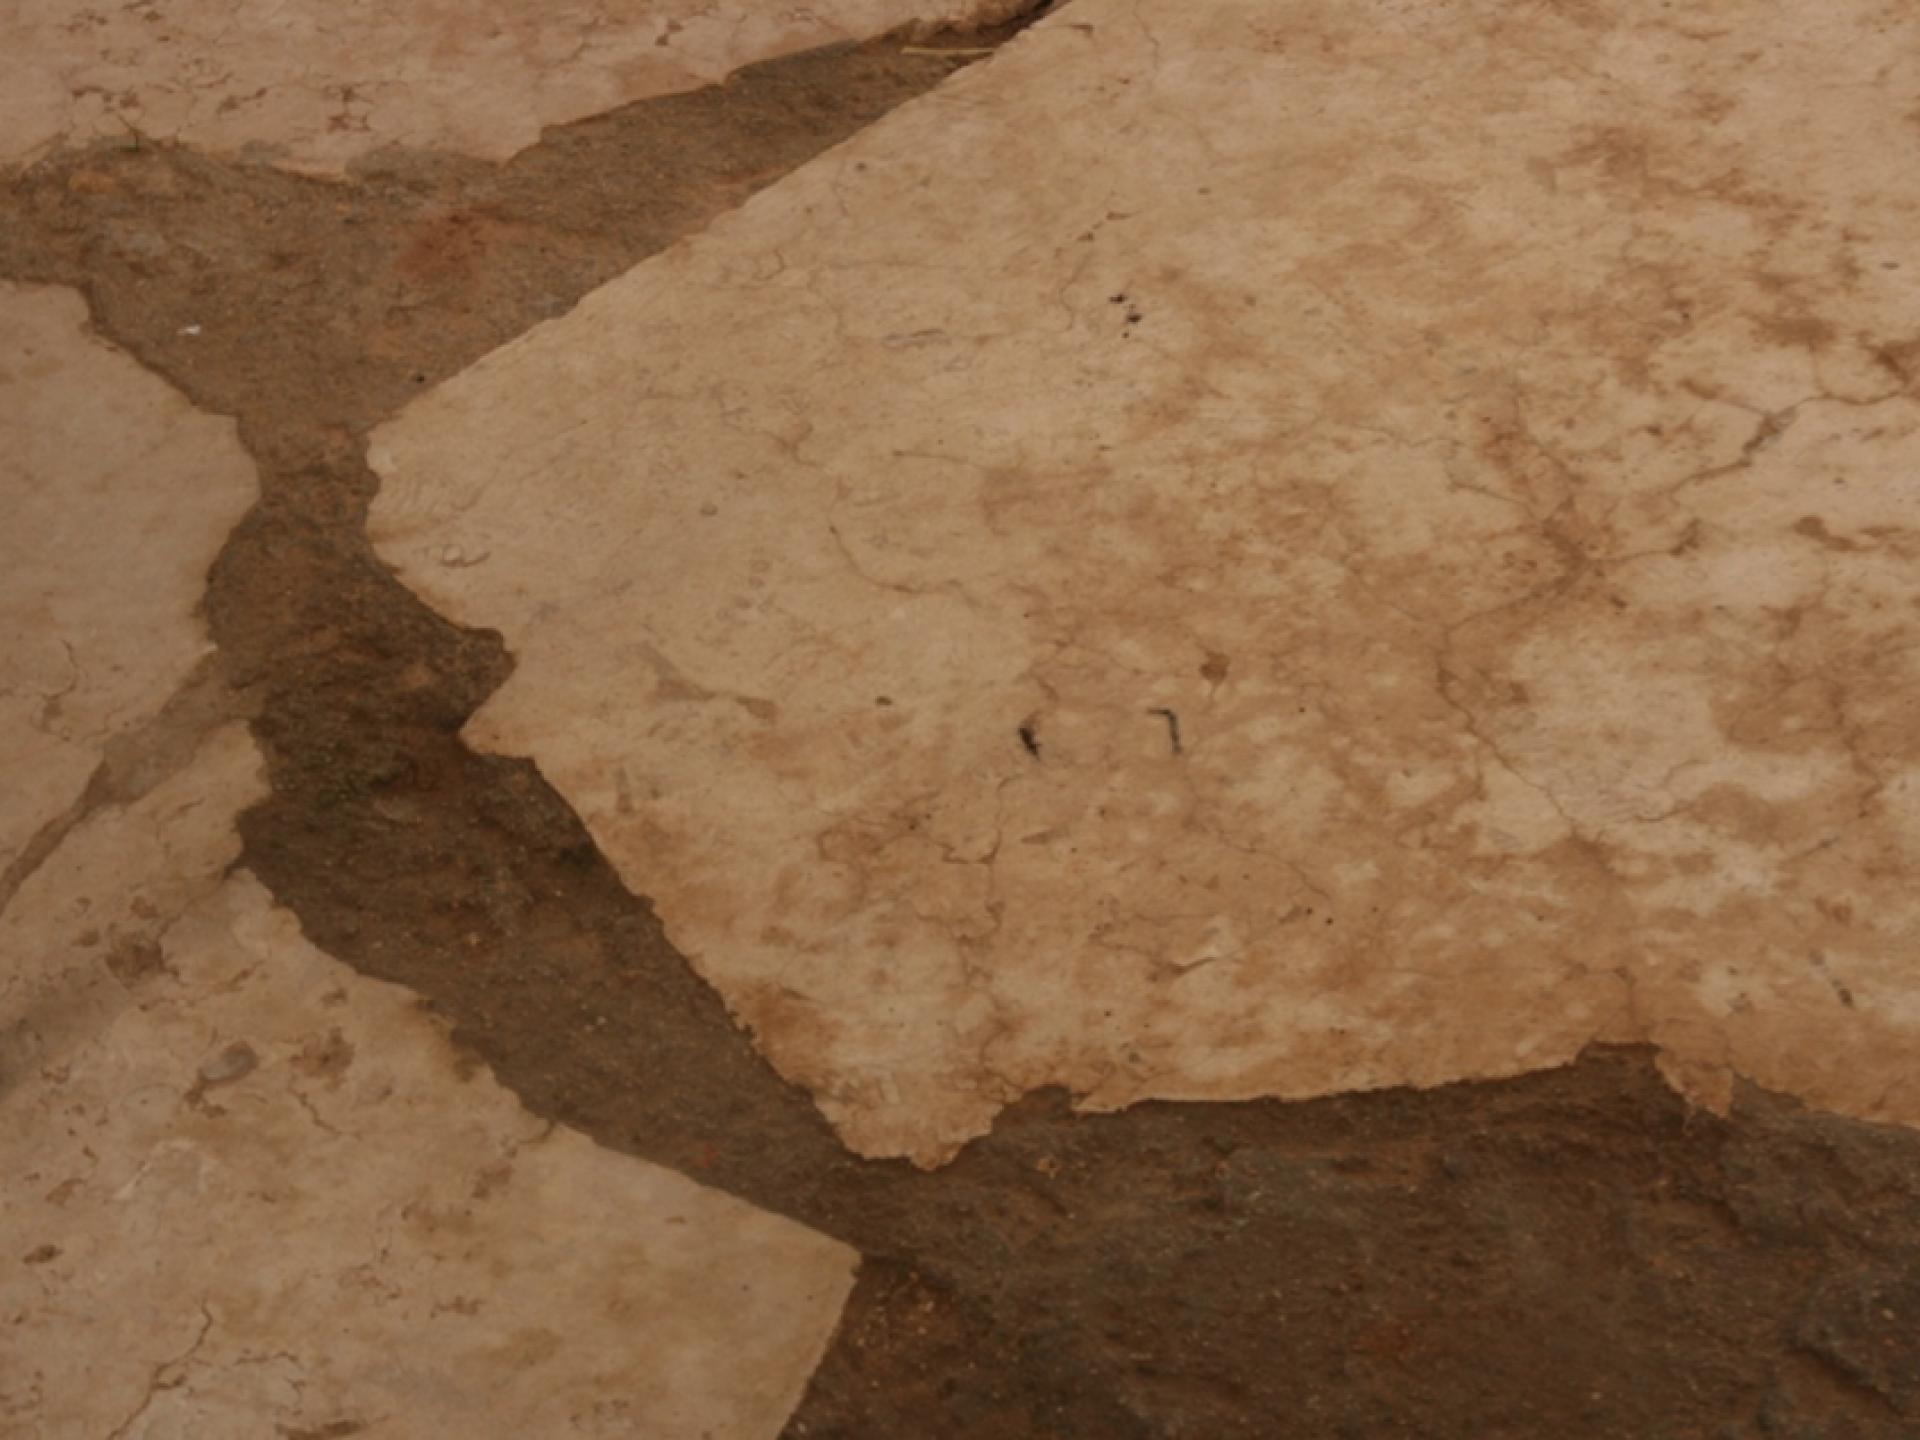 """ה""""רצפה"""" שעשויה מקצת בטון שנוצק בין האבנים הטבעיות"""